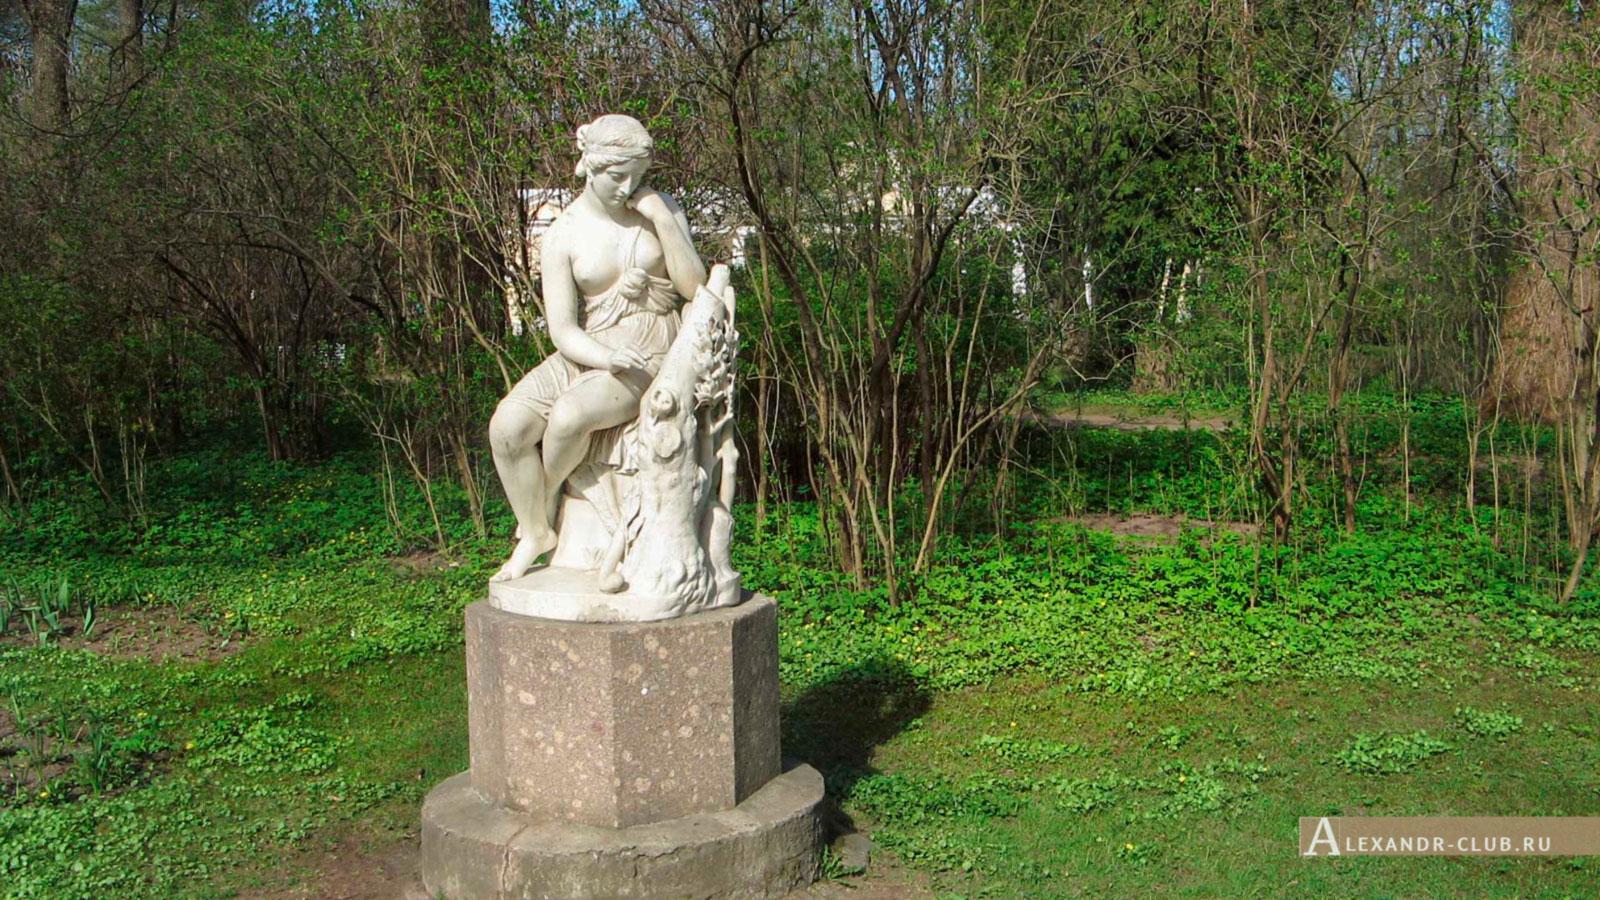 Павловский парк, весна, статуя Эрминии